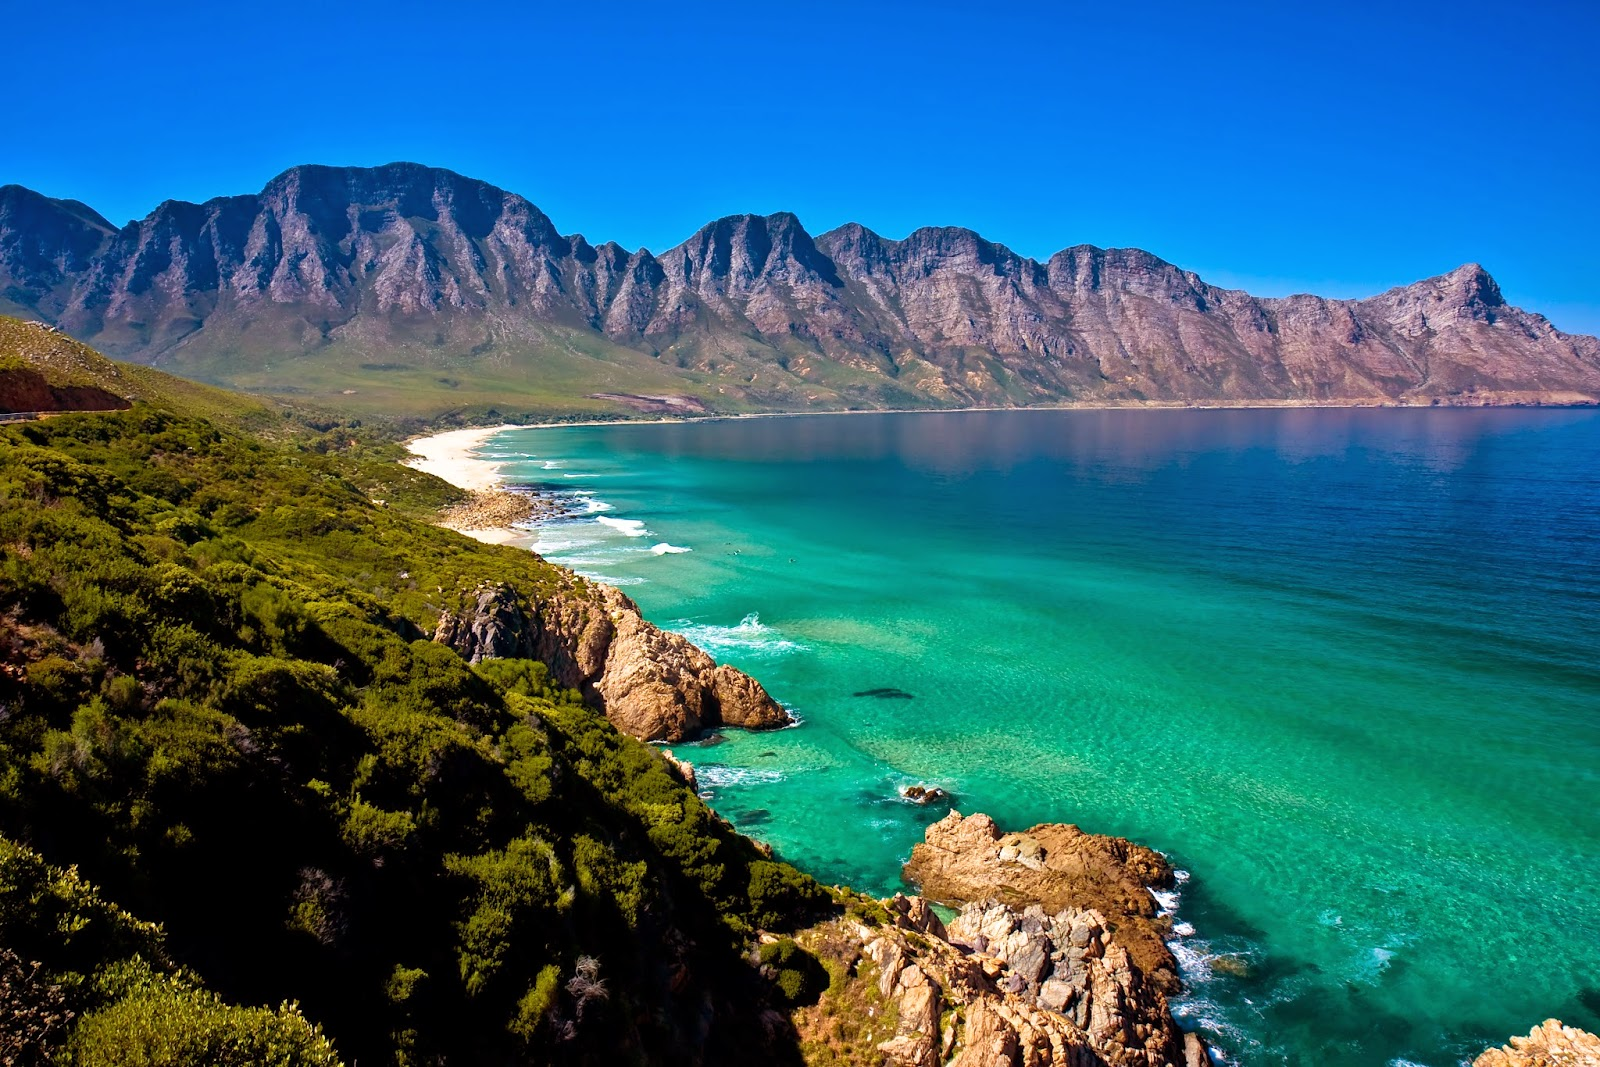 Paisajes naturales del mundo paisajes de africa for Sud africa immagini